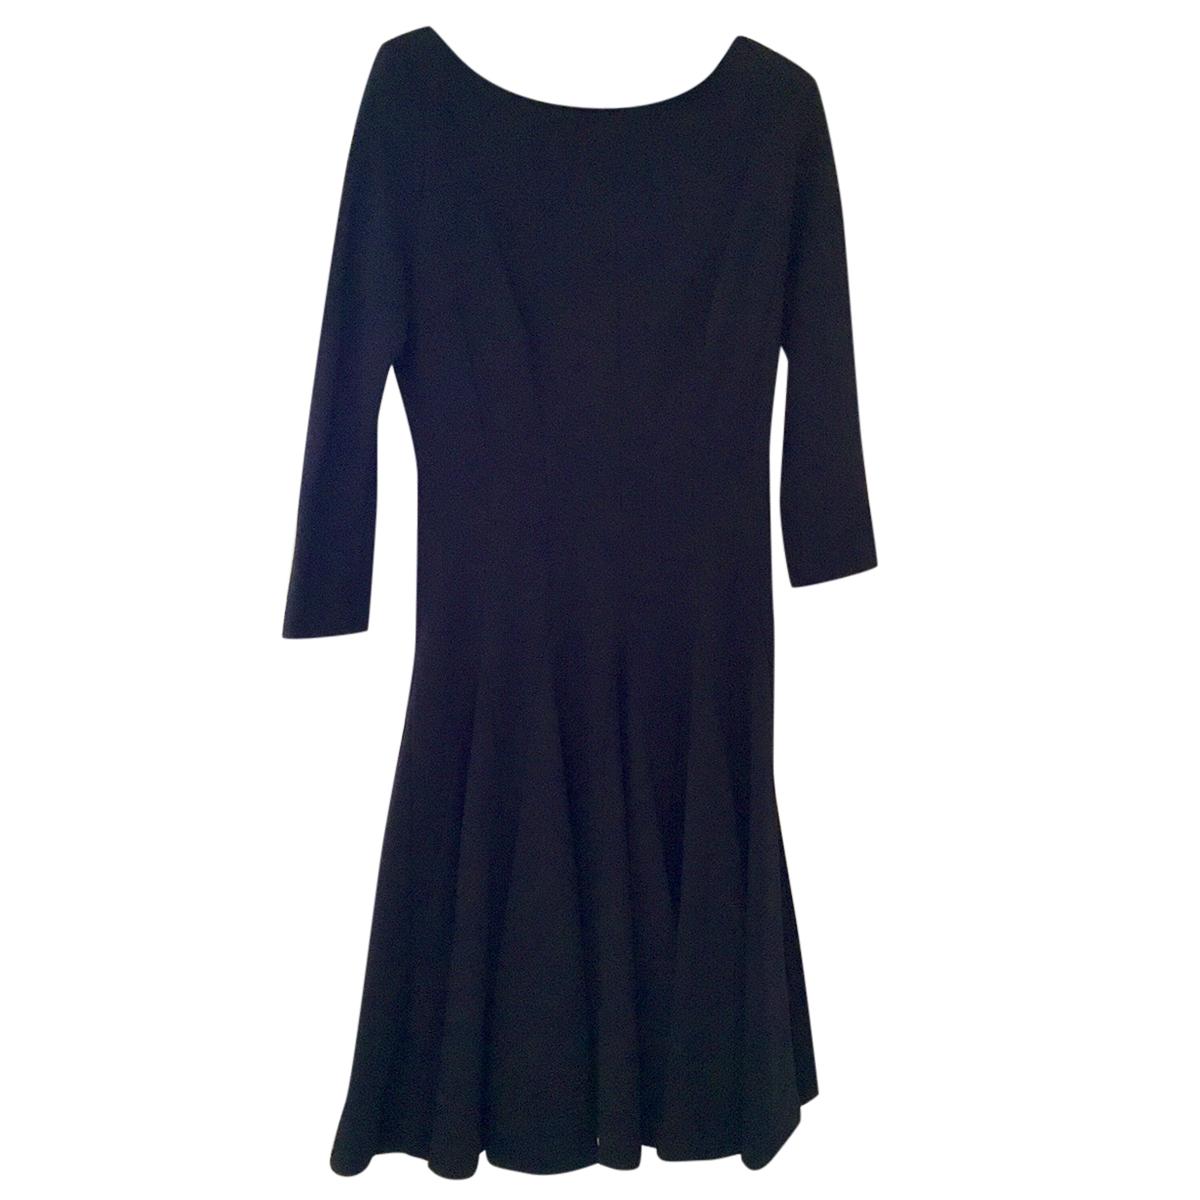 Issa black skater style dress, UK 8